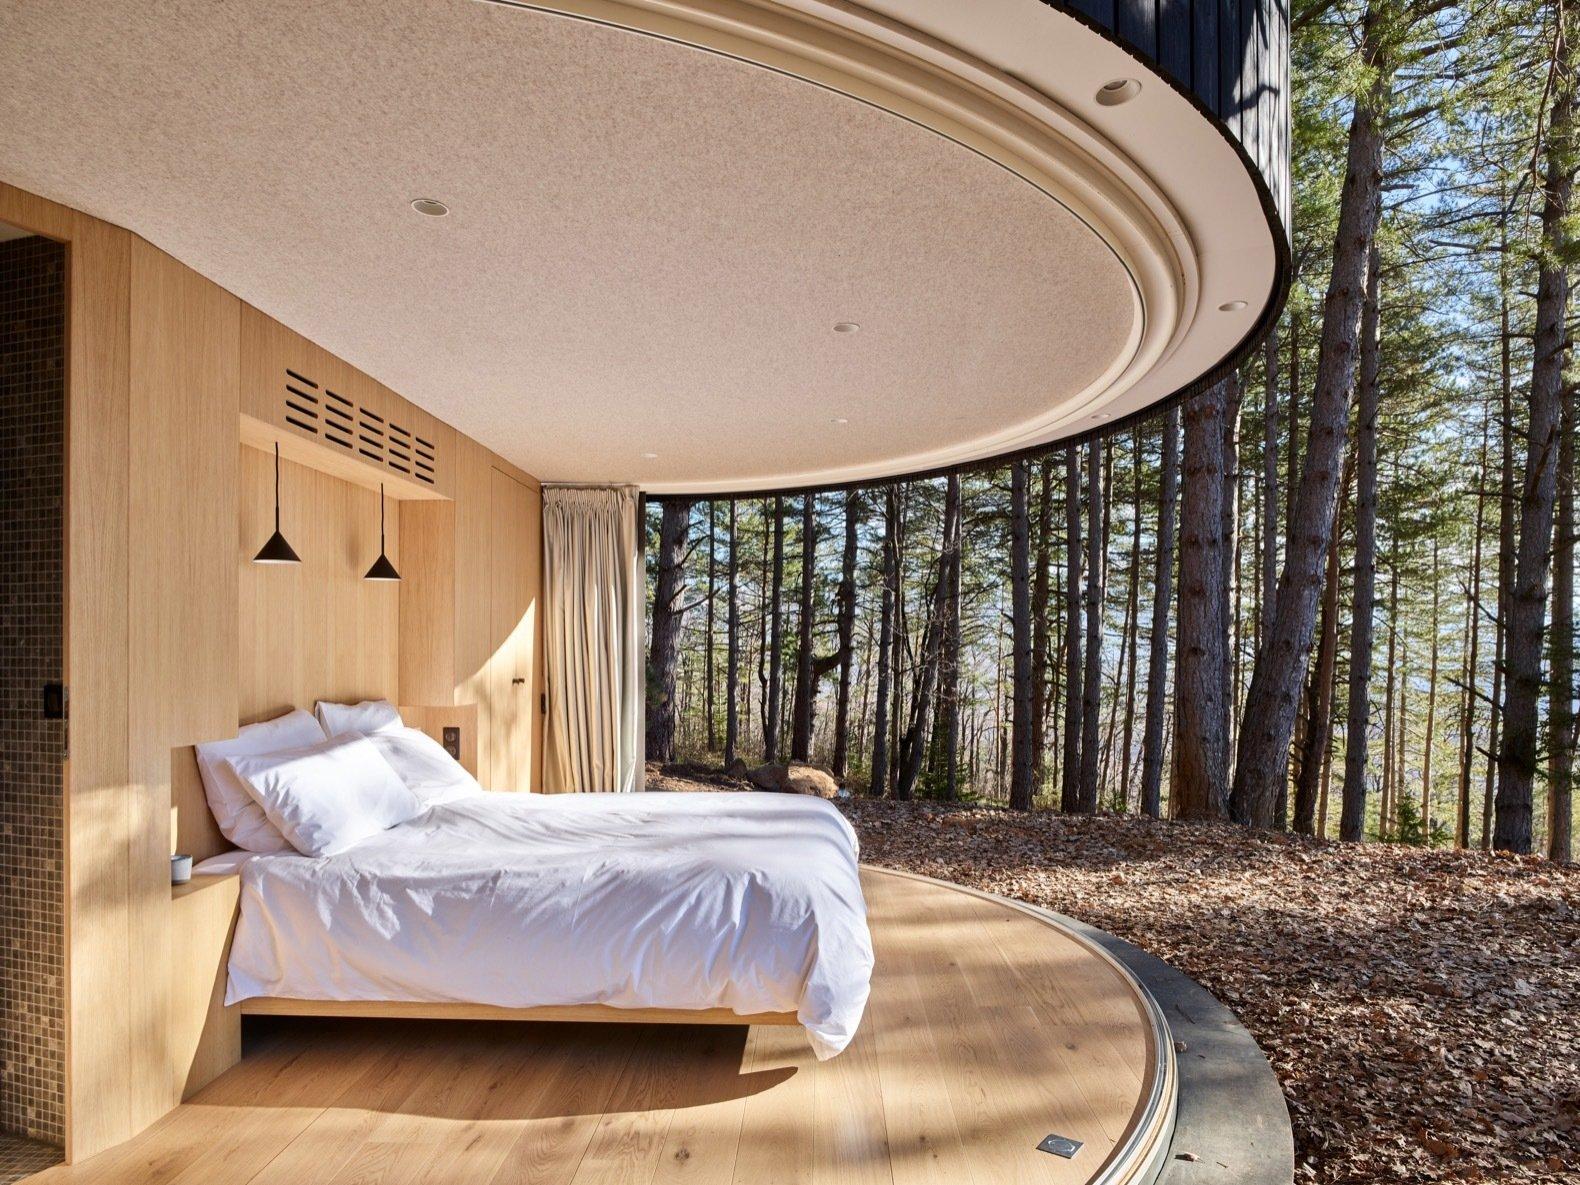 LumiPod bedroom